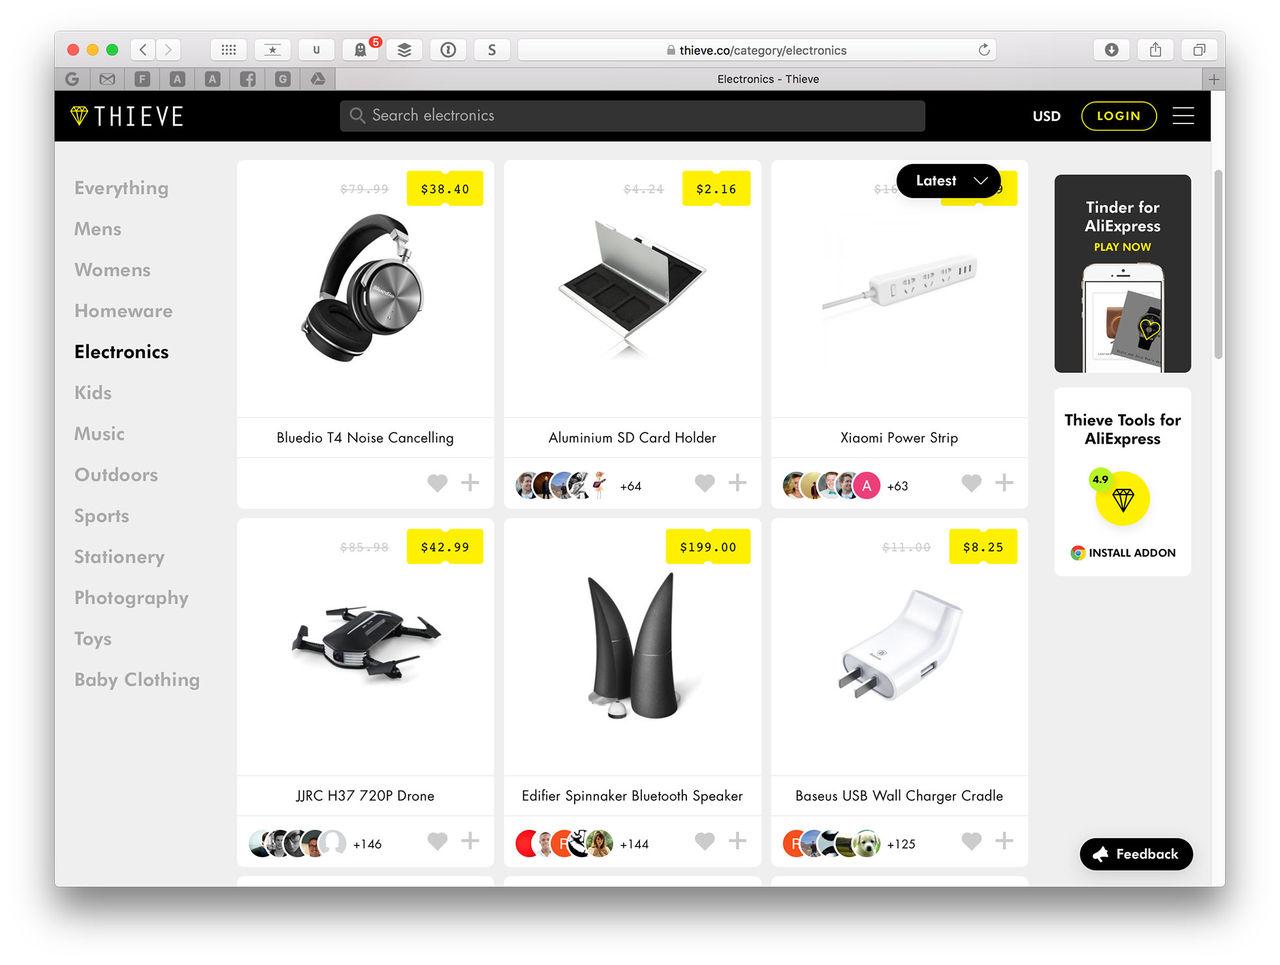 Hitta de bästa sakerna på AliExpress